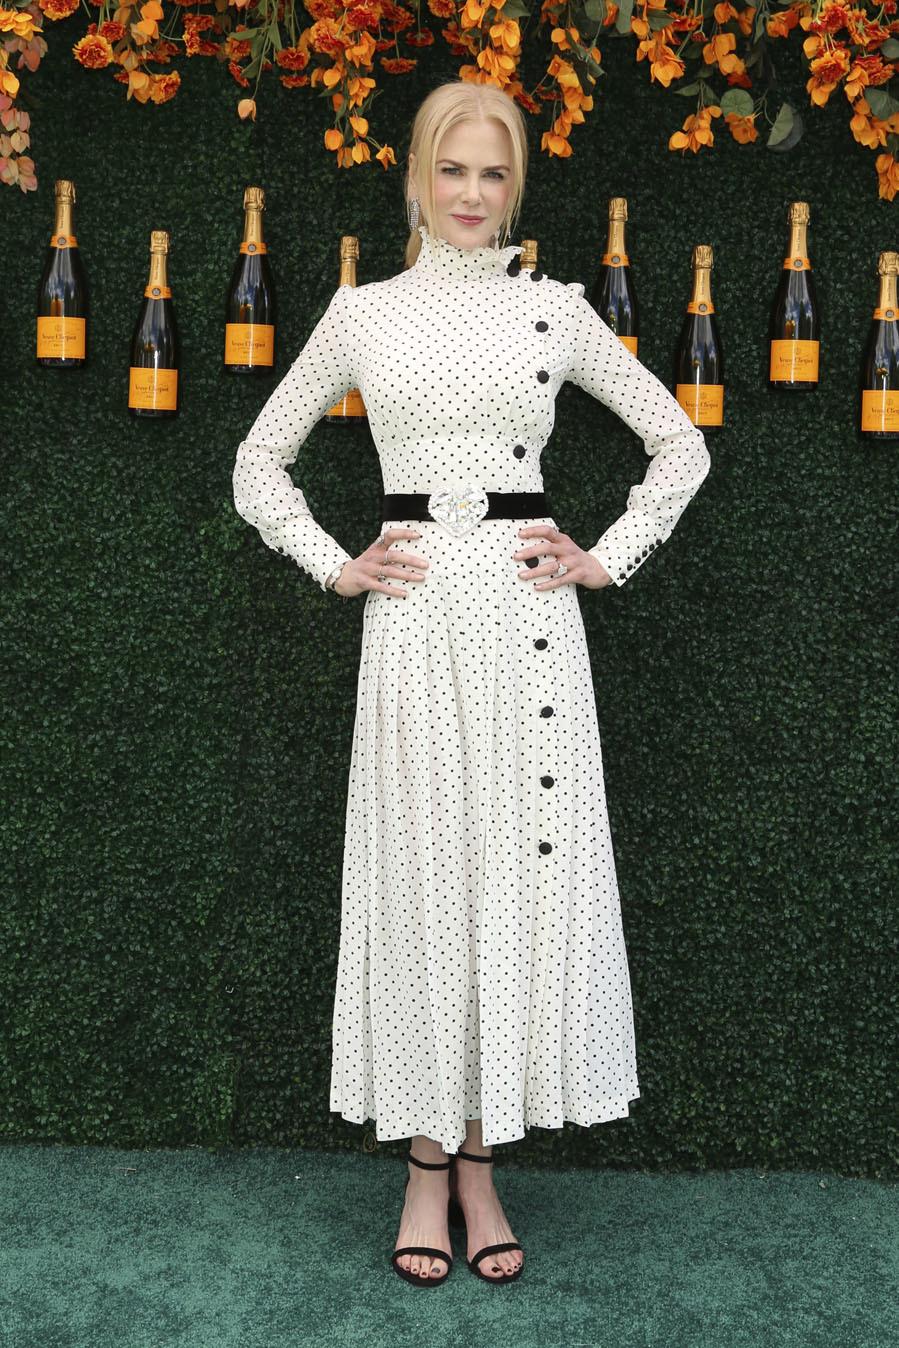 La actriz apostó por un vestido romántico blanco con lunares negros...